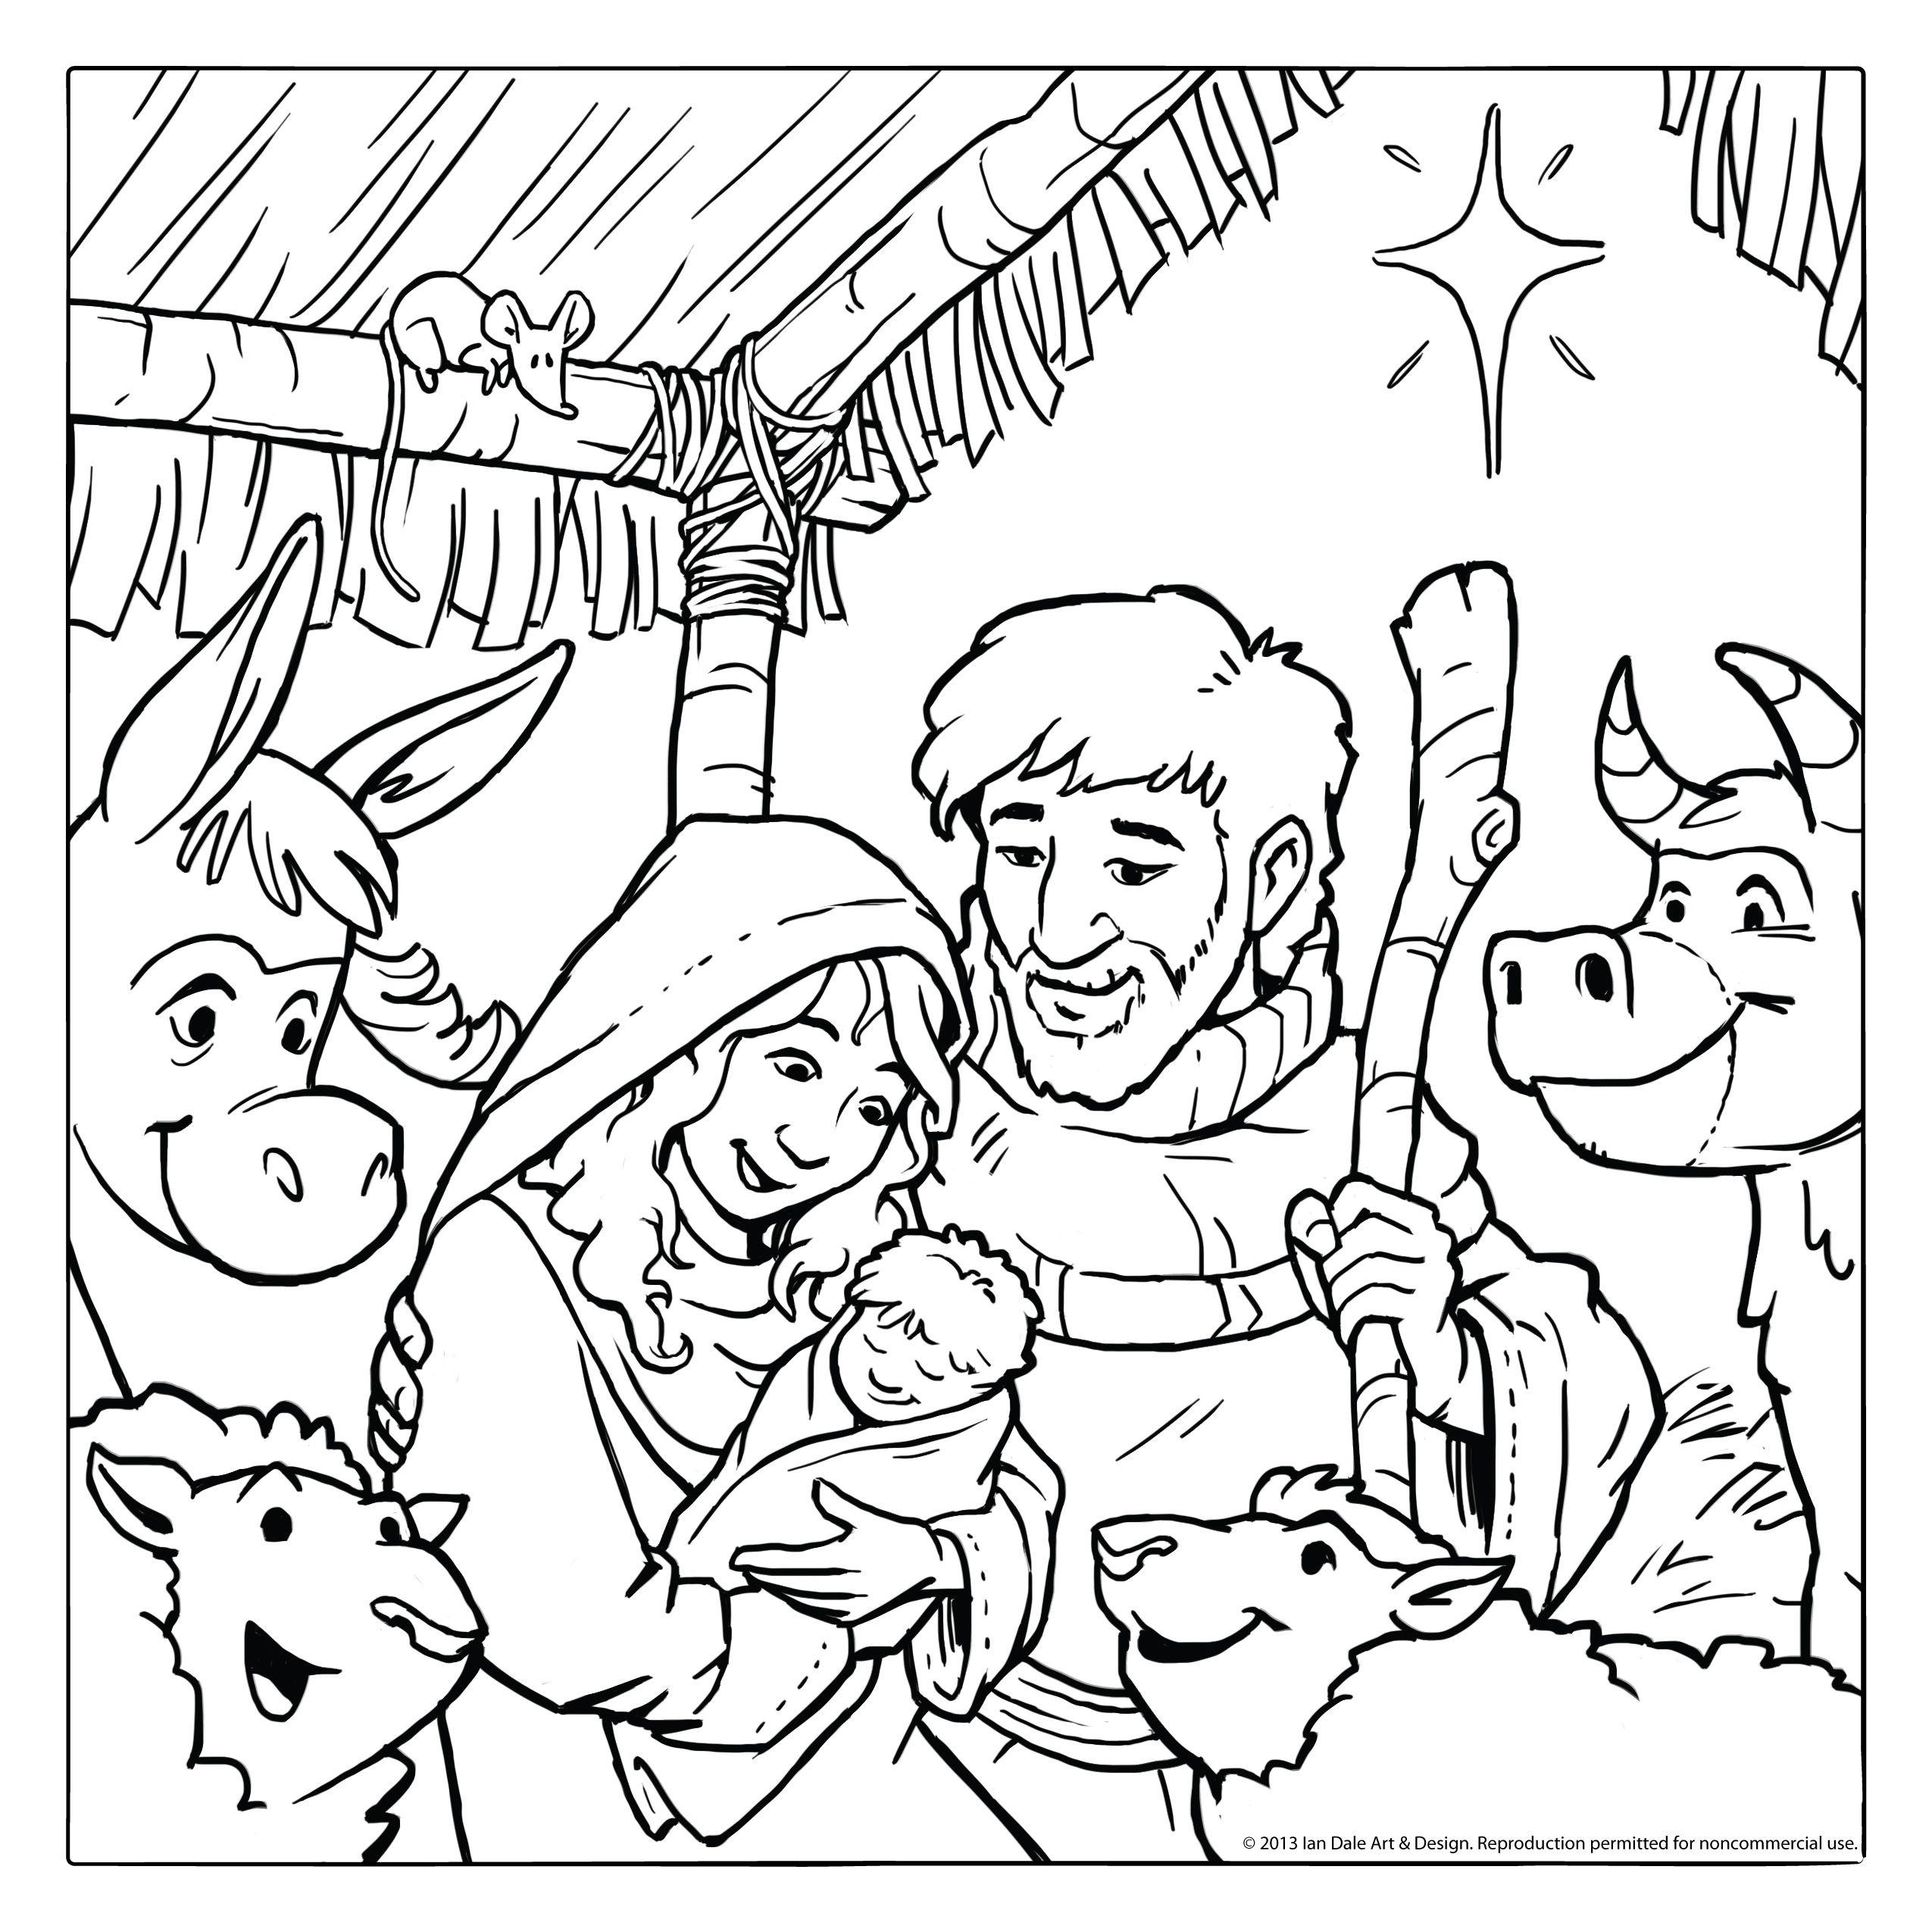 2550x2550 Imagenes De Navidad Infantiles Para Colorear Belen